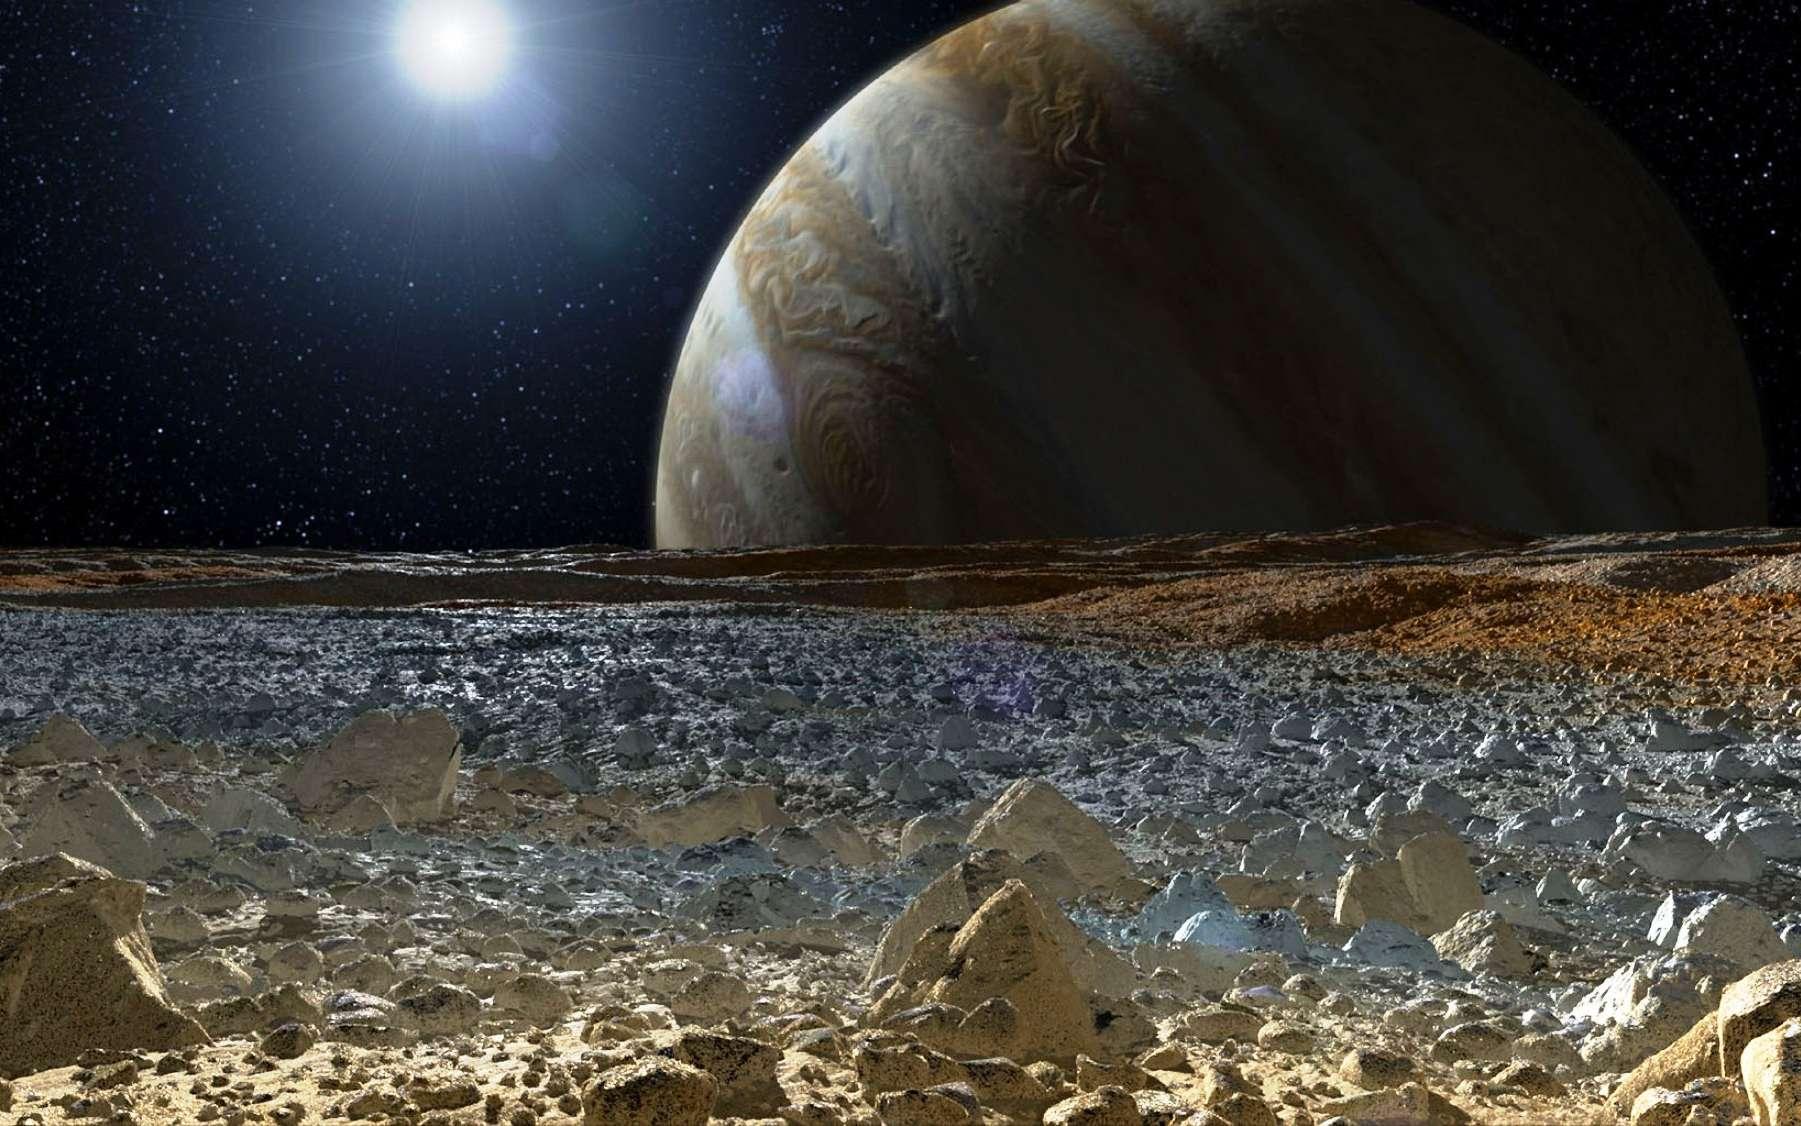 La lune de Jupiter, Europe, abrite sous sa surface glacée un océan qui pourrait abriter la vie. © Nasa, JPL-Caltech